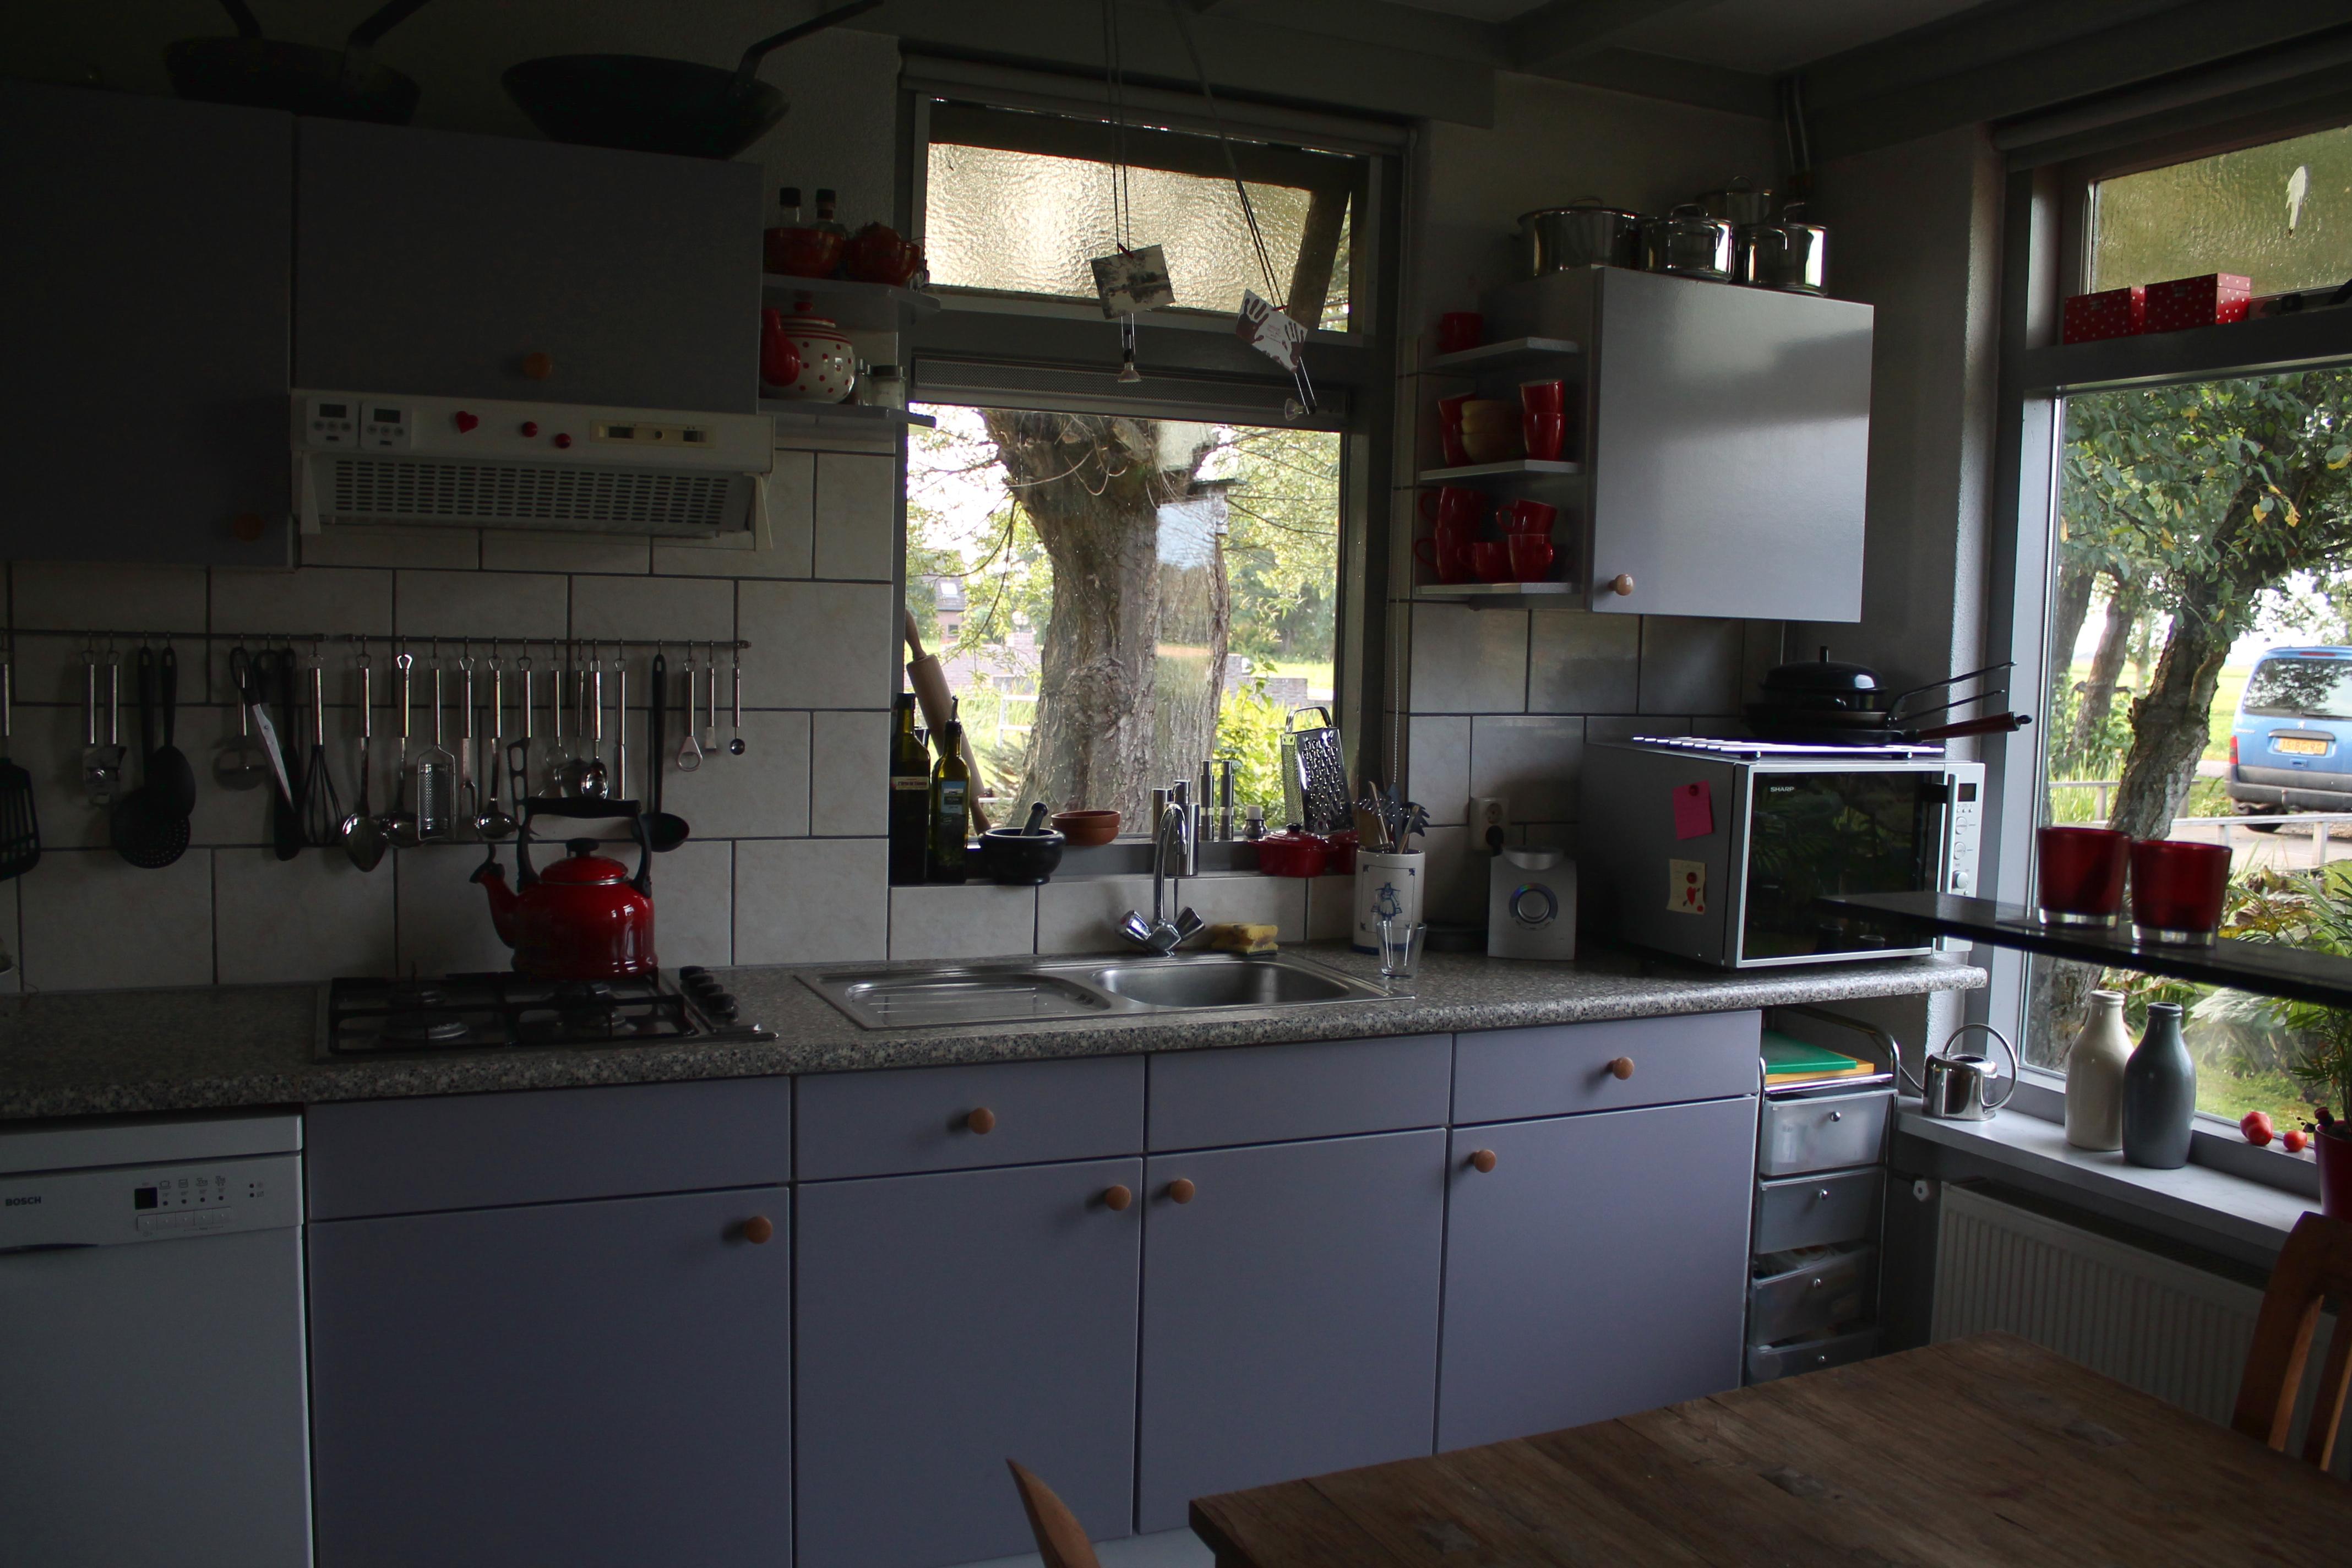 Keuken Ideeen Kleuren : Wilde rijst met gekarameliseerde sjalotjes, pecannoten en cranberries